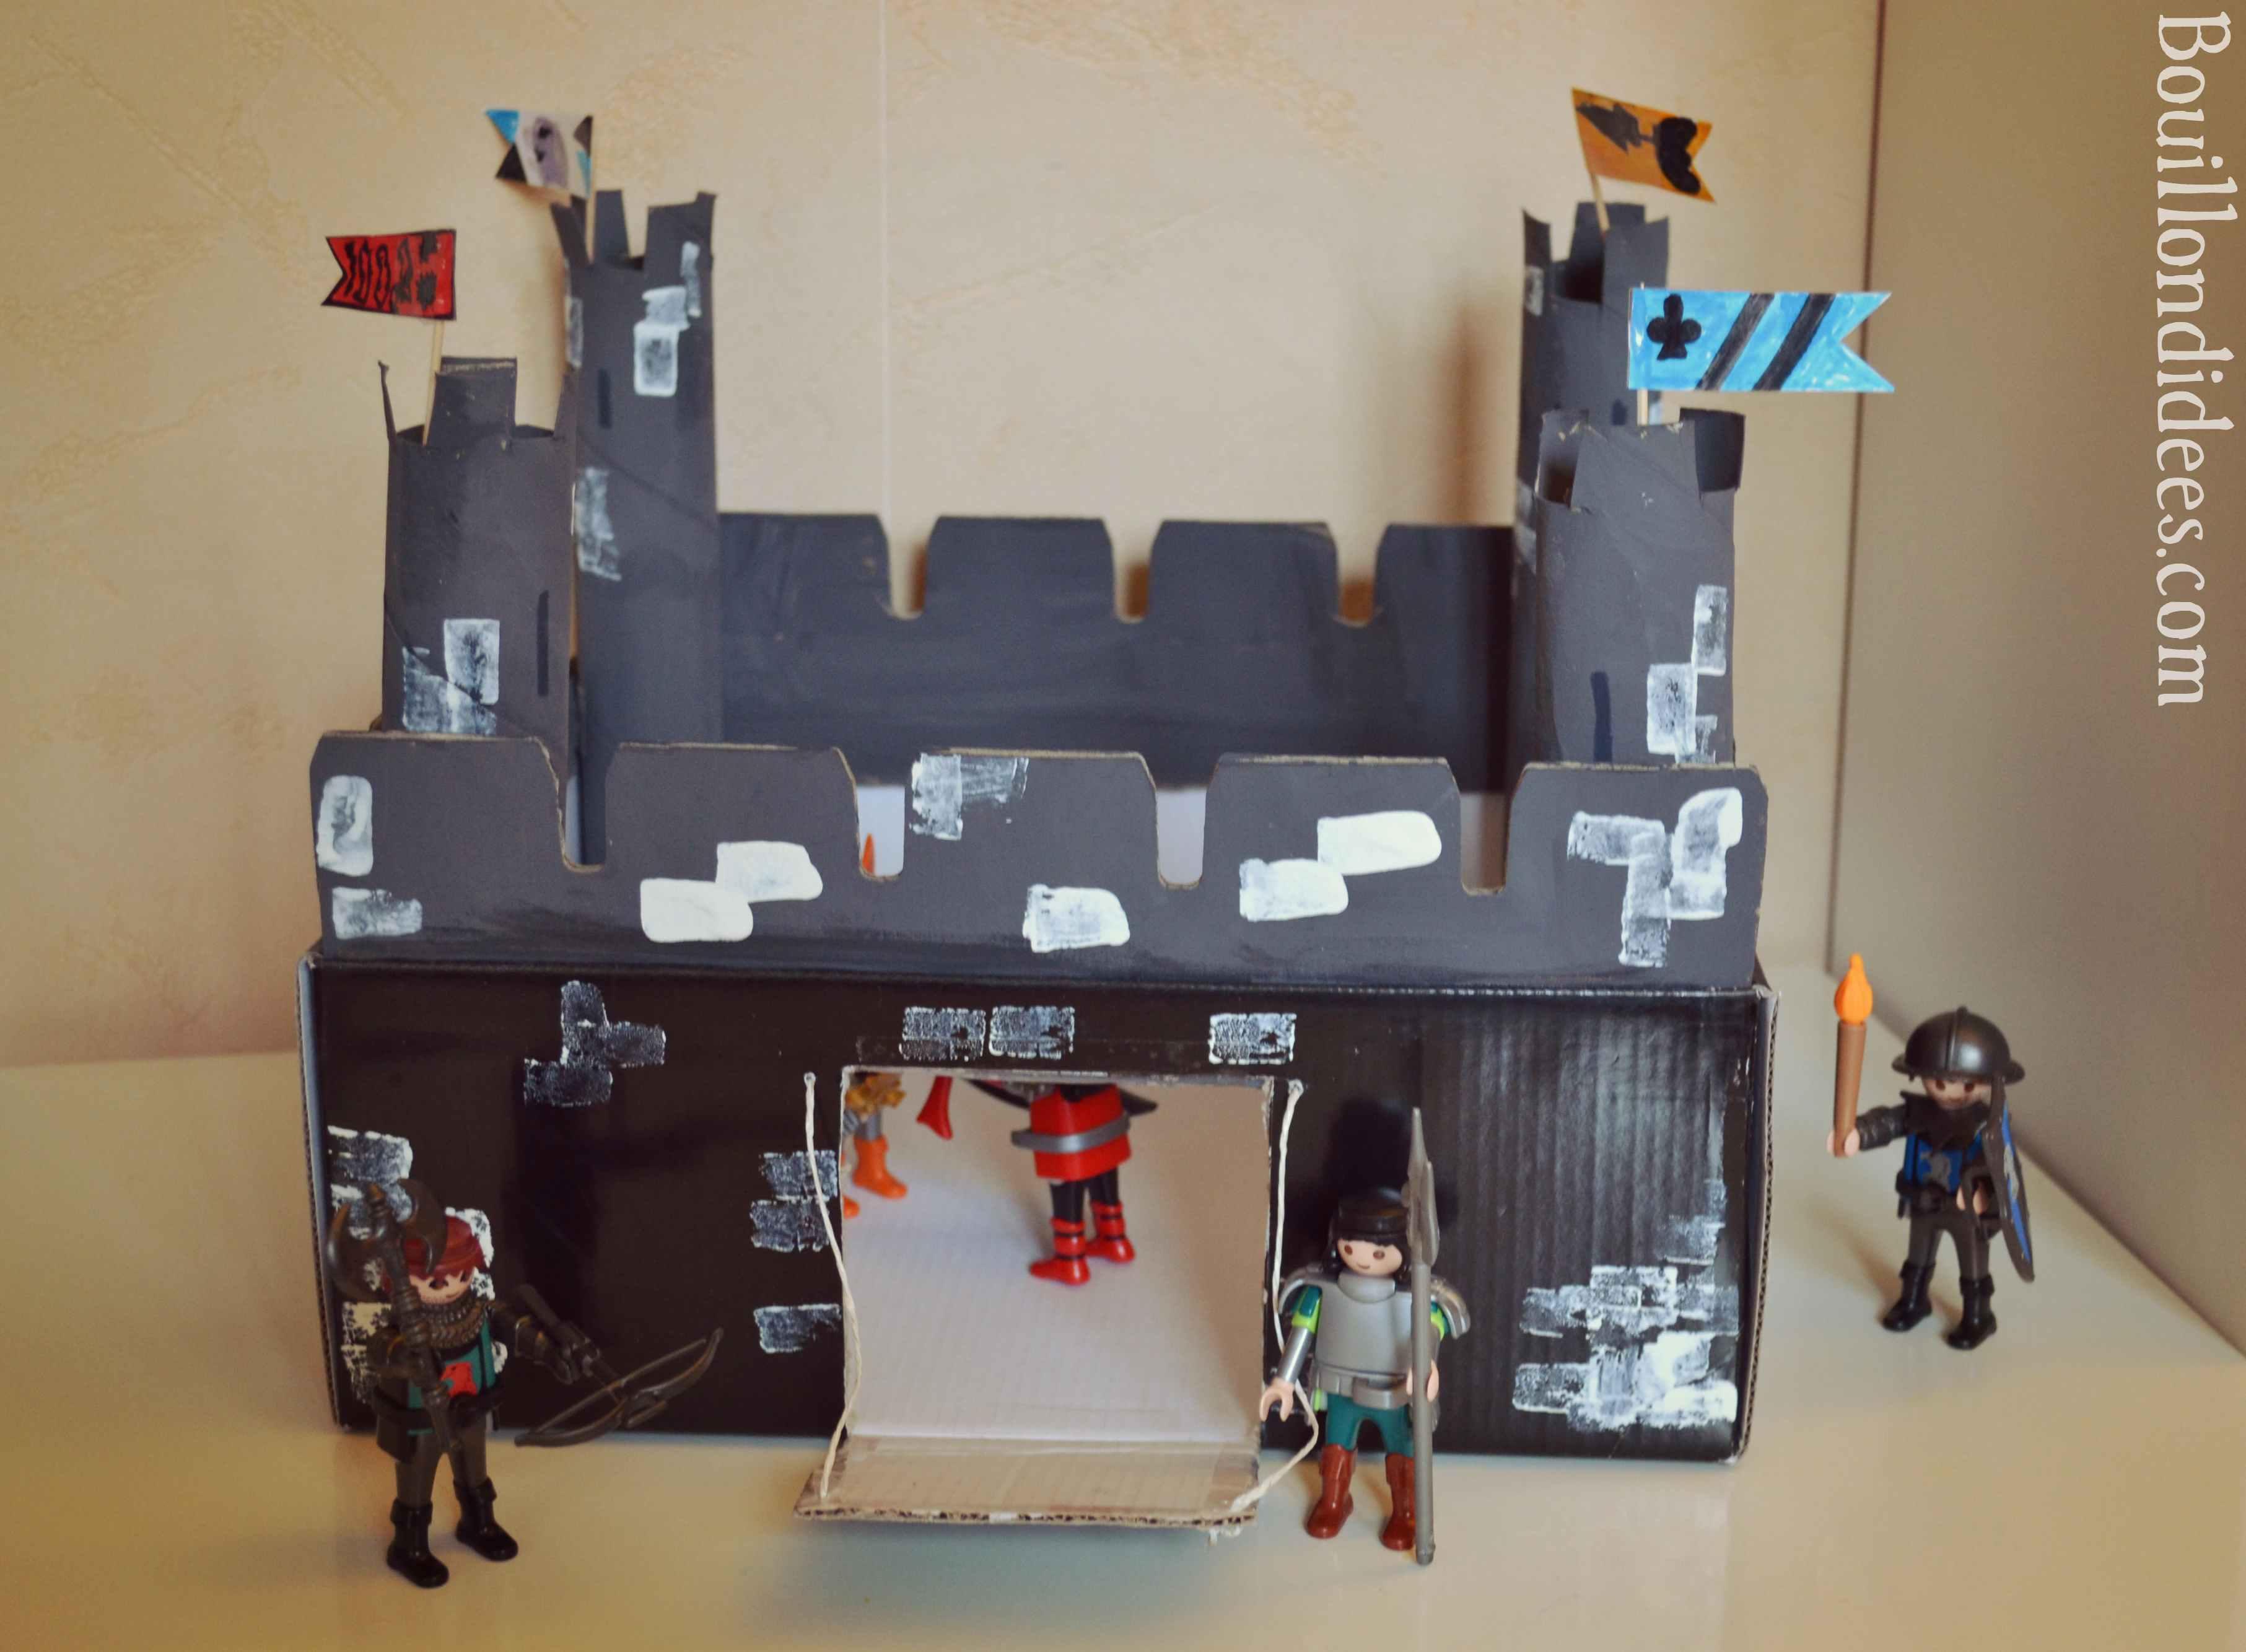 Activité Manuelle Avec Du Papier Peint diy : fabriquer un château-fort - bouillon d'idées